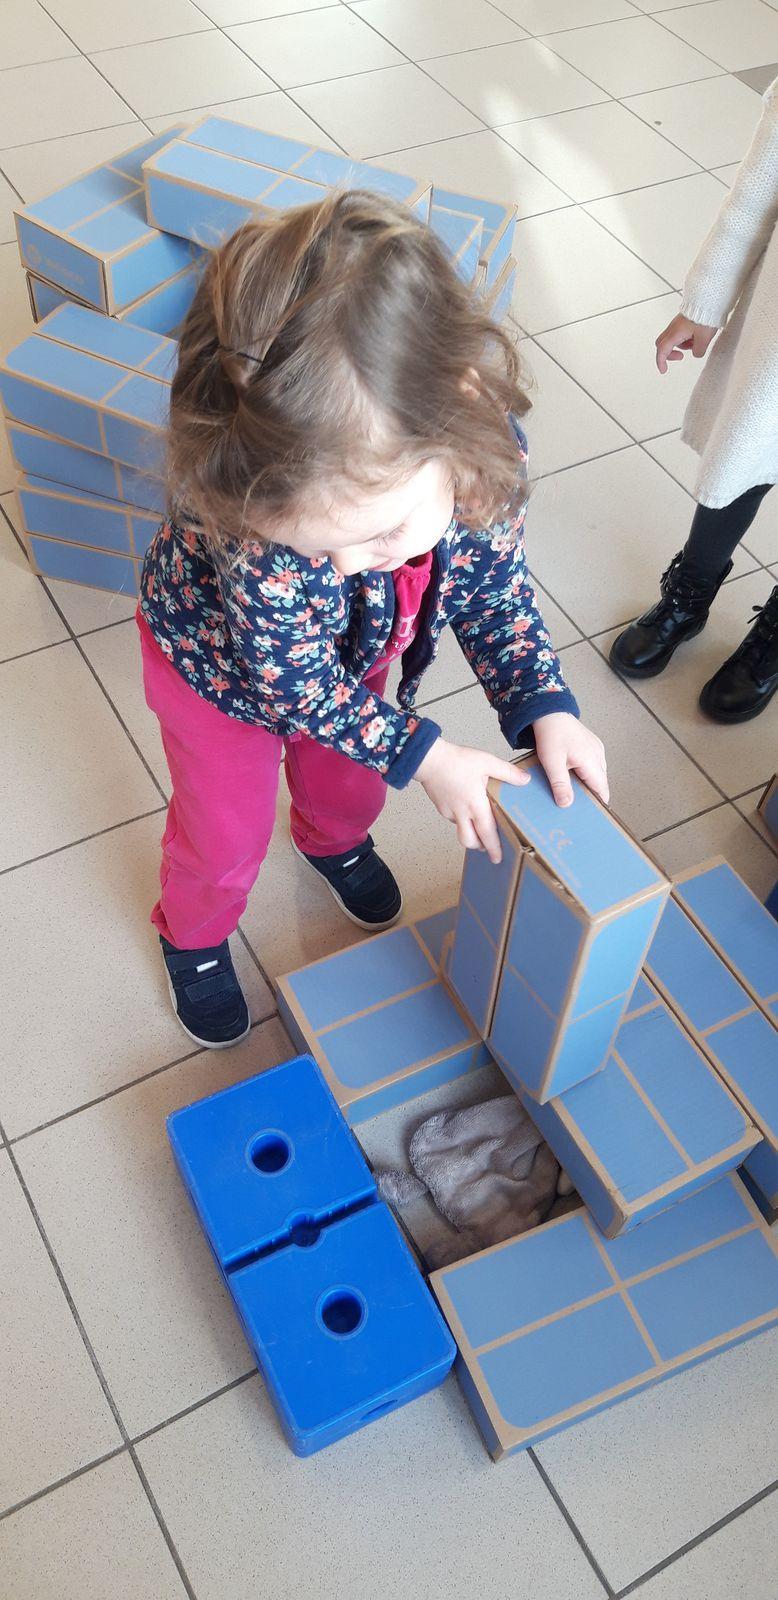 Tous niveaux, situations de recherche en groupe de GS avec les briques, comment bâtir une maison ? - Pour les PS avec les briques, comment cacher mon doudou sans l'étouffer ni l'écraser ? - Pour les MS, comment inventer des chorégraphies à partir des murs de briques ?